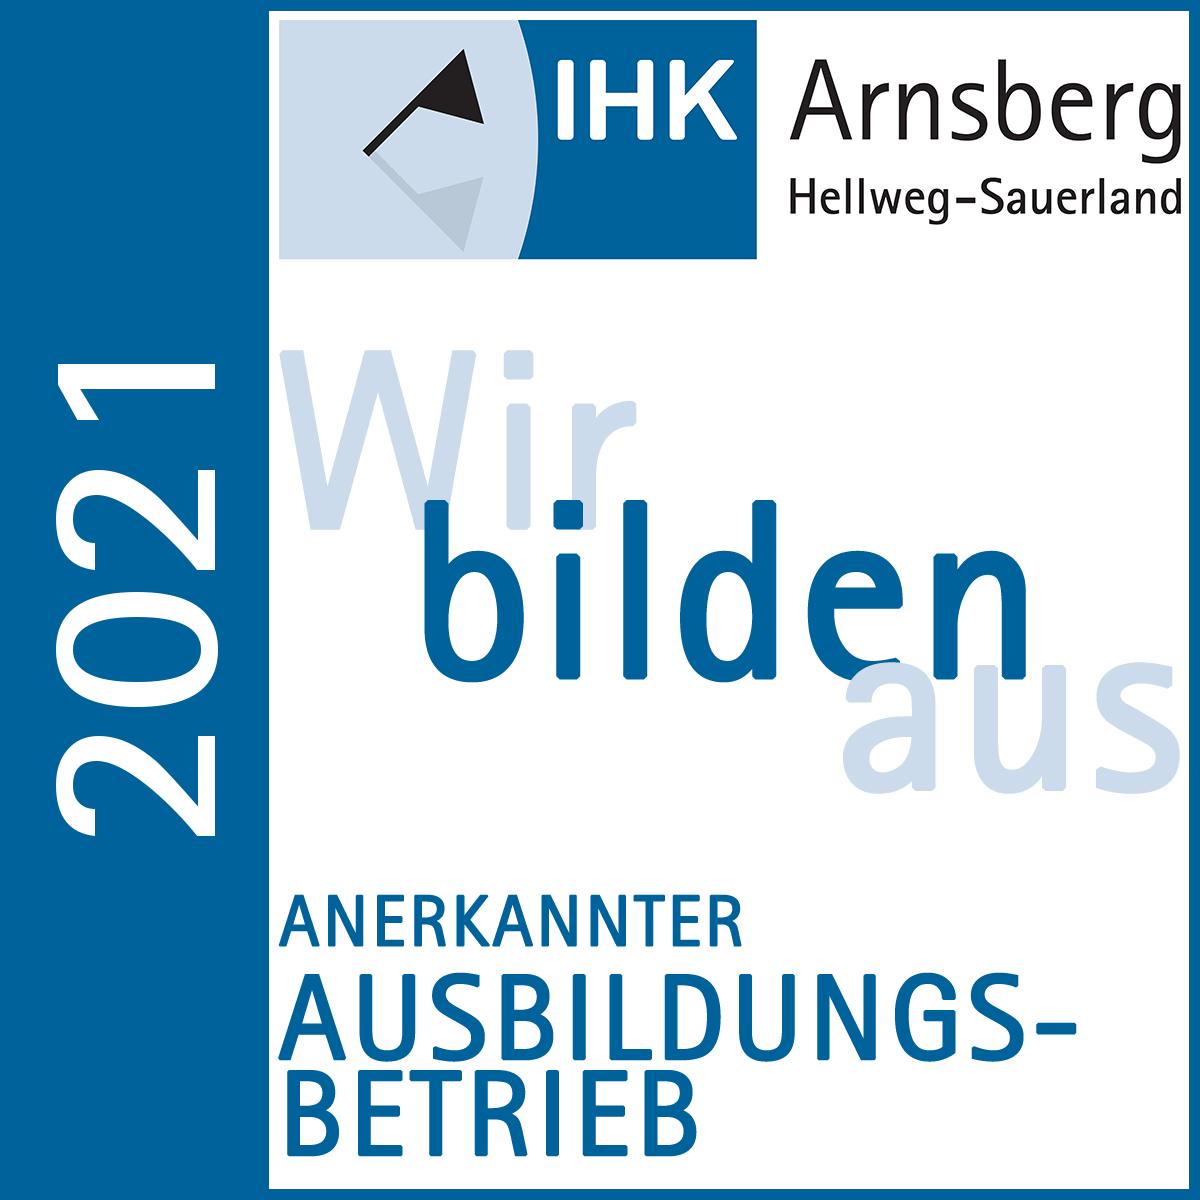 Scheffer & Hille Ausbildung Sundern IHK Ausbildungsbetrieb